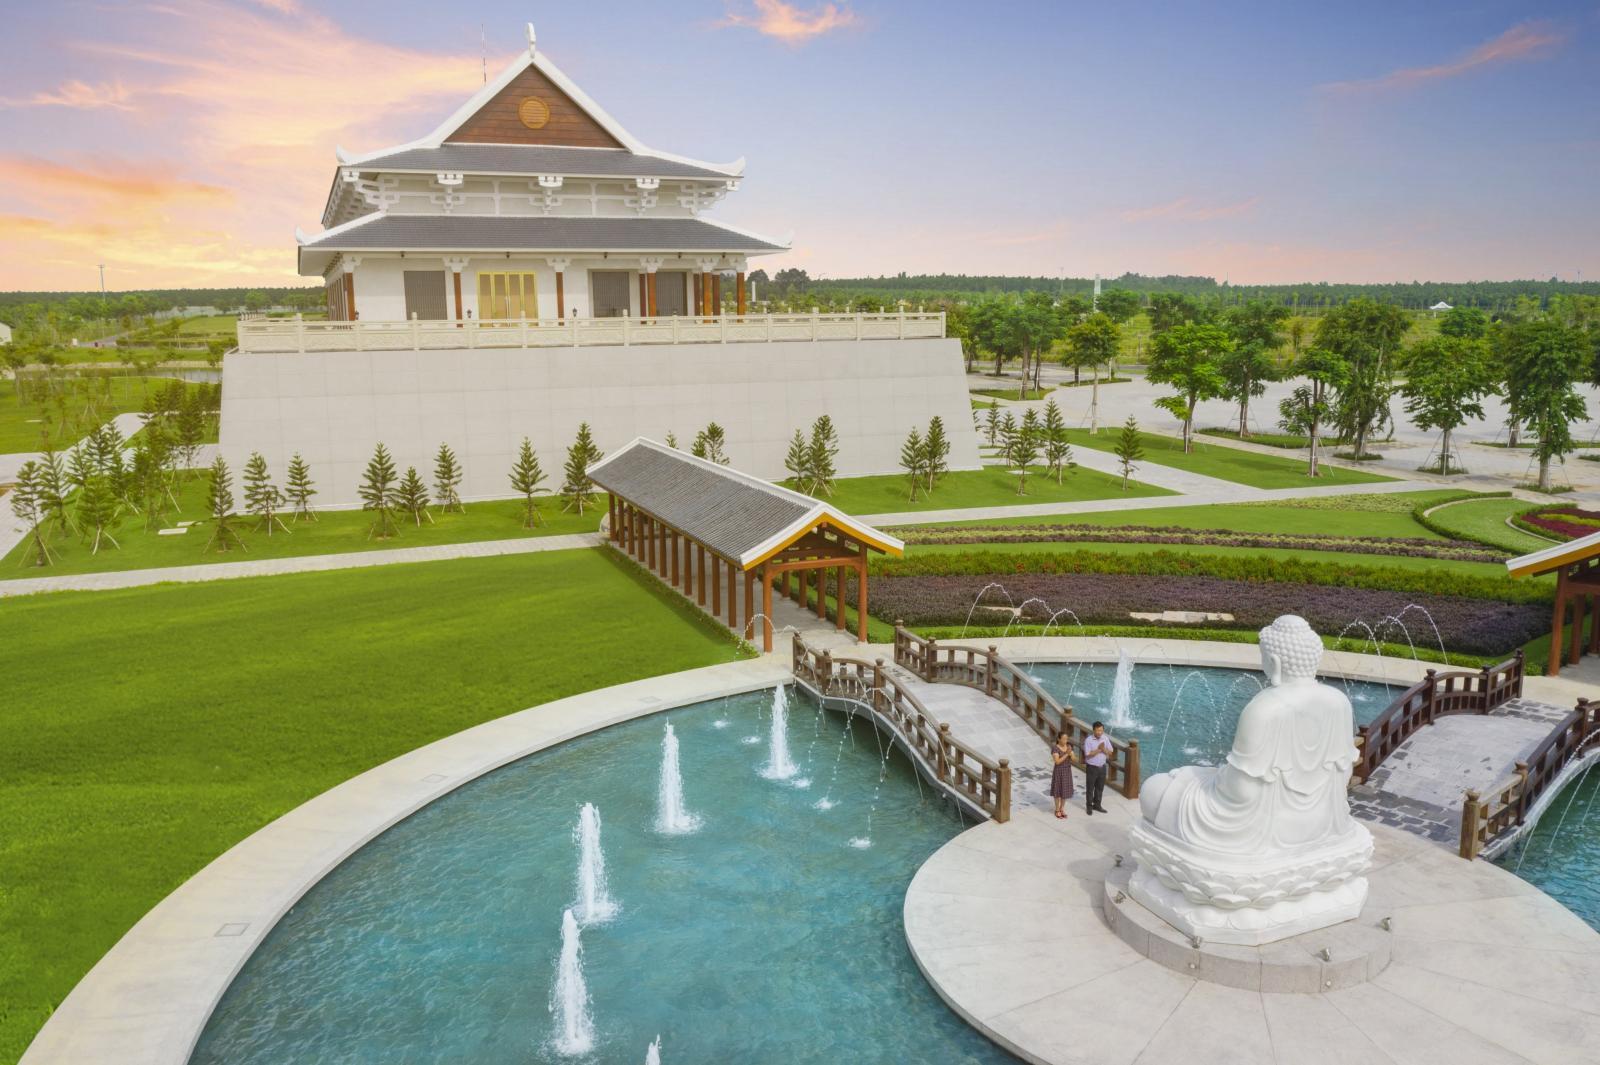 Đền Trình và Nhà tang lễ tại Hoa viên nghĩa trang sinh thái Sala Garden